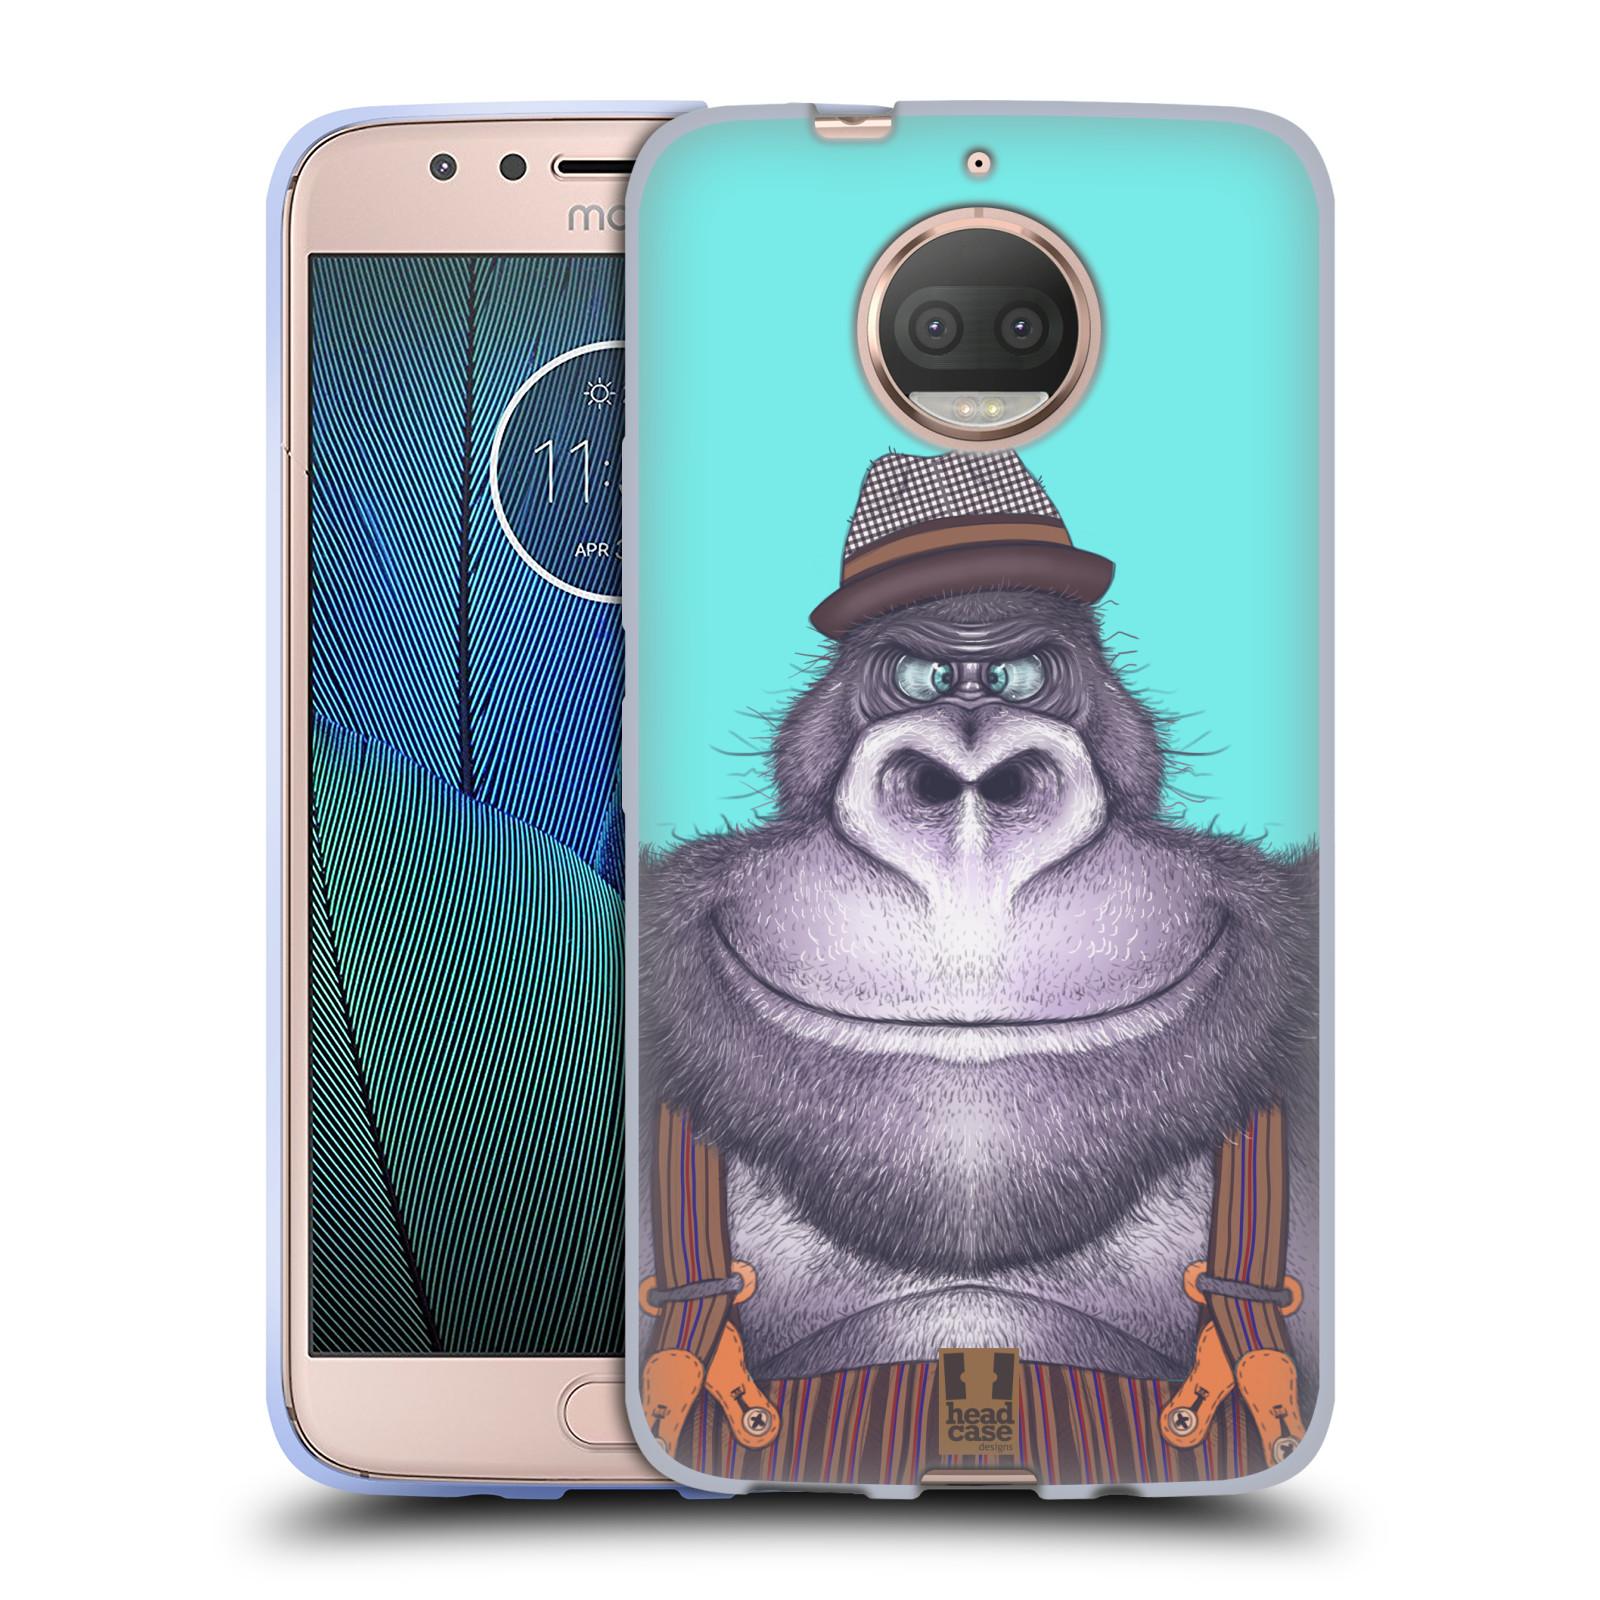 HEAD CASE silikonový obal na mobil Lenovo Moto G5s PLUS vzor Kreslená zvířátka gorila